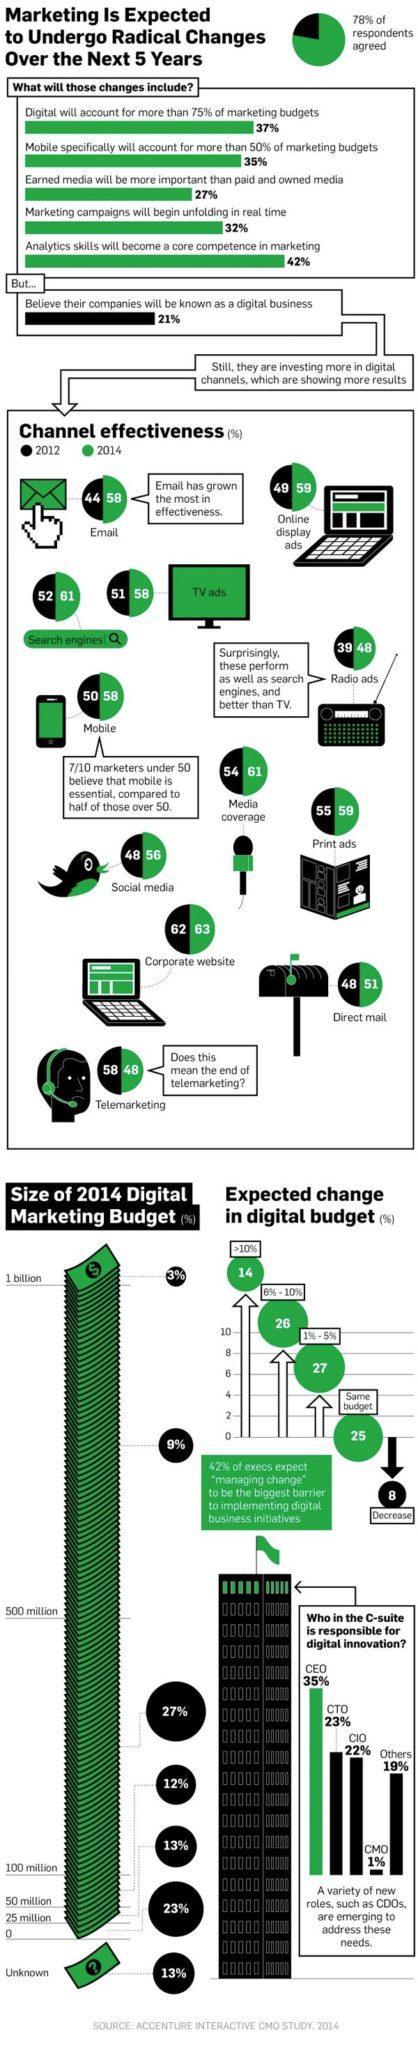 cmo-infographic